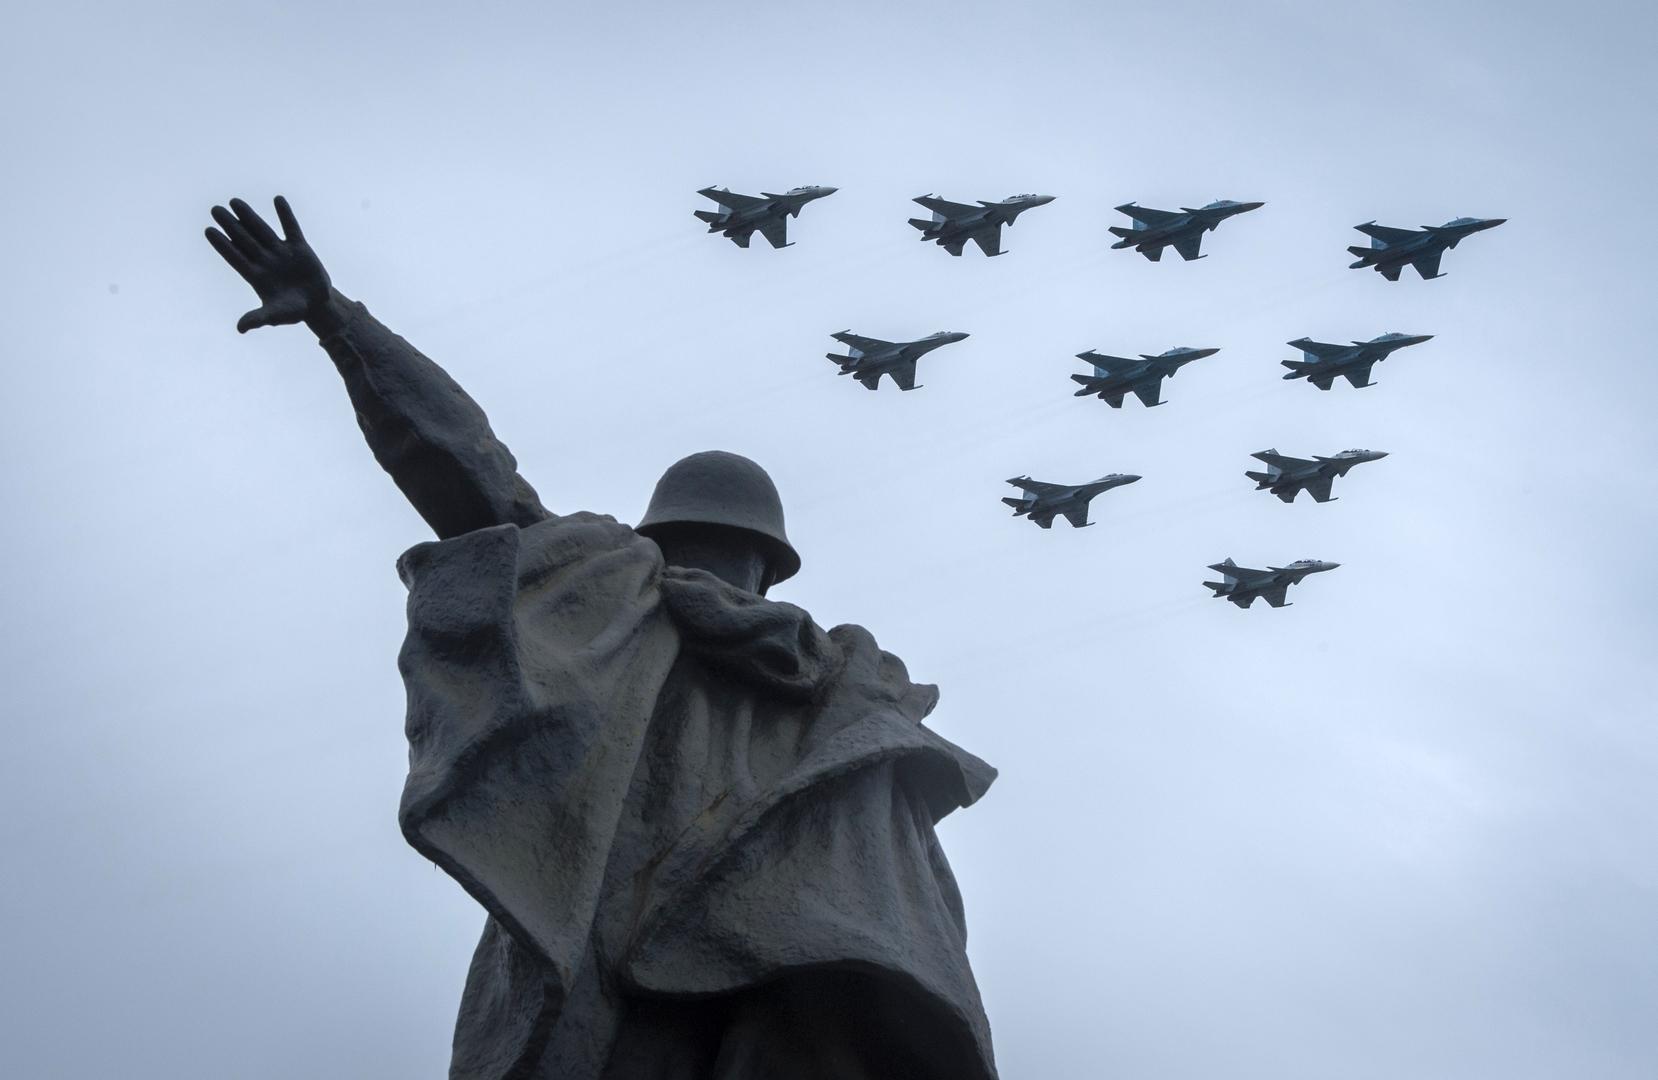 Eine Staffel von Jagdflugzeugen der Typen Su-30SM, Su-35C und Su-34 bei der Flugschau in Moskau